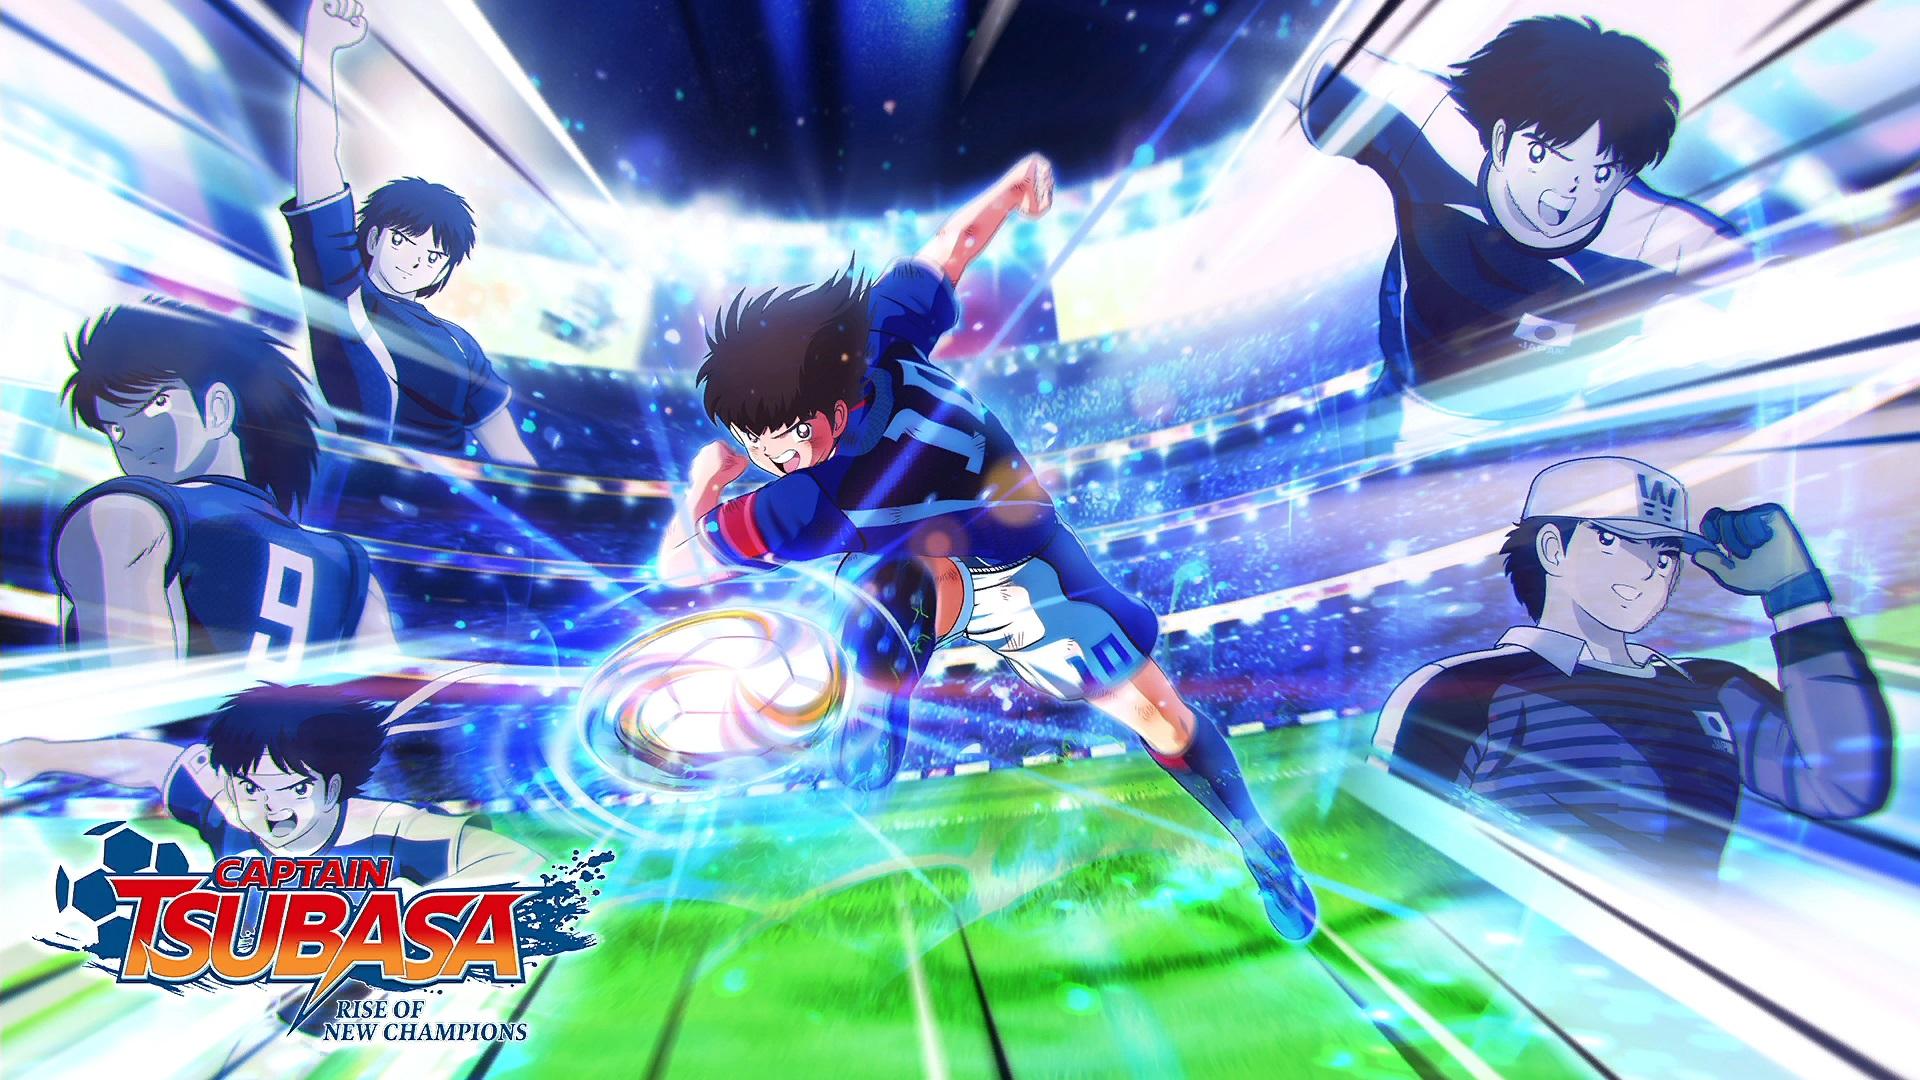 """Recenzja gry Captain Tsubasa: Rise of New Champions - """"Kapitan Jastrząb"""" w średniej formie 18 Captain Tsubasa: Rise of New Champions"""